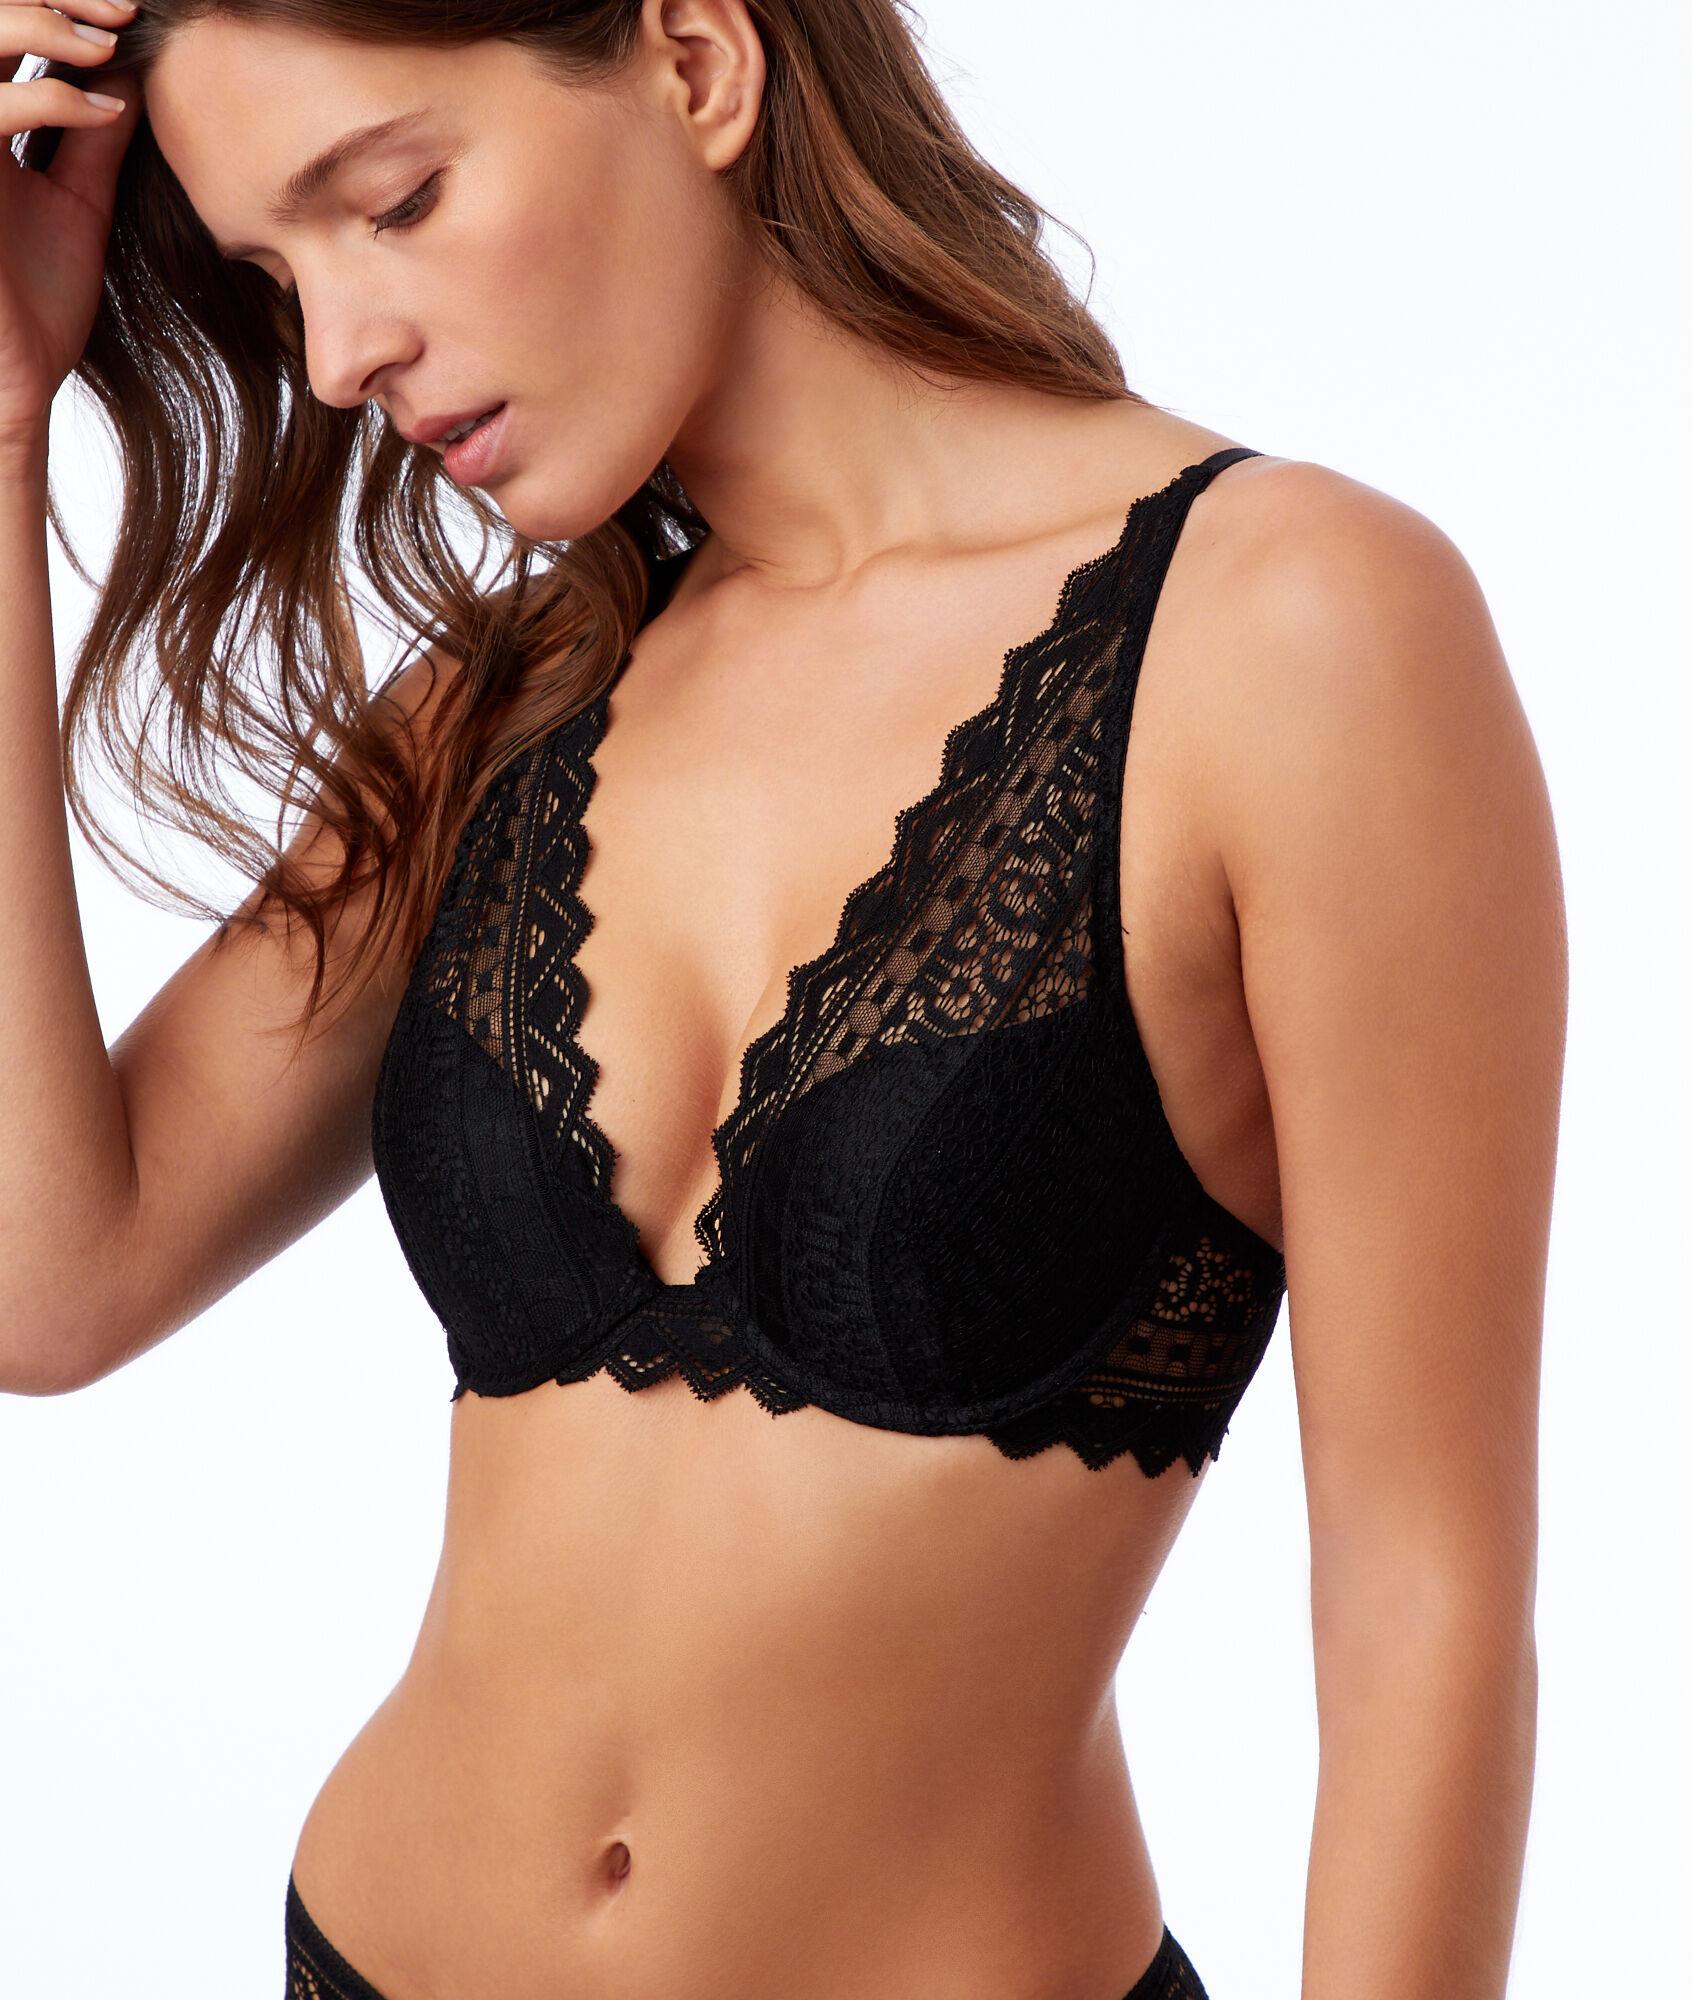 bf856a7709 Bra No. 3 - Lace triangle push-up bra - Etam